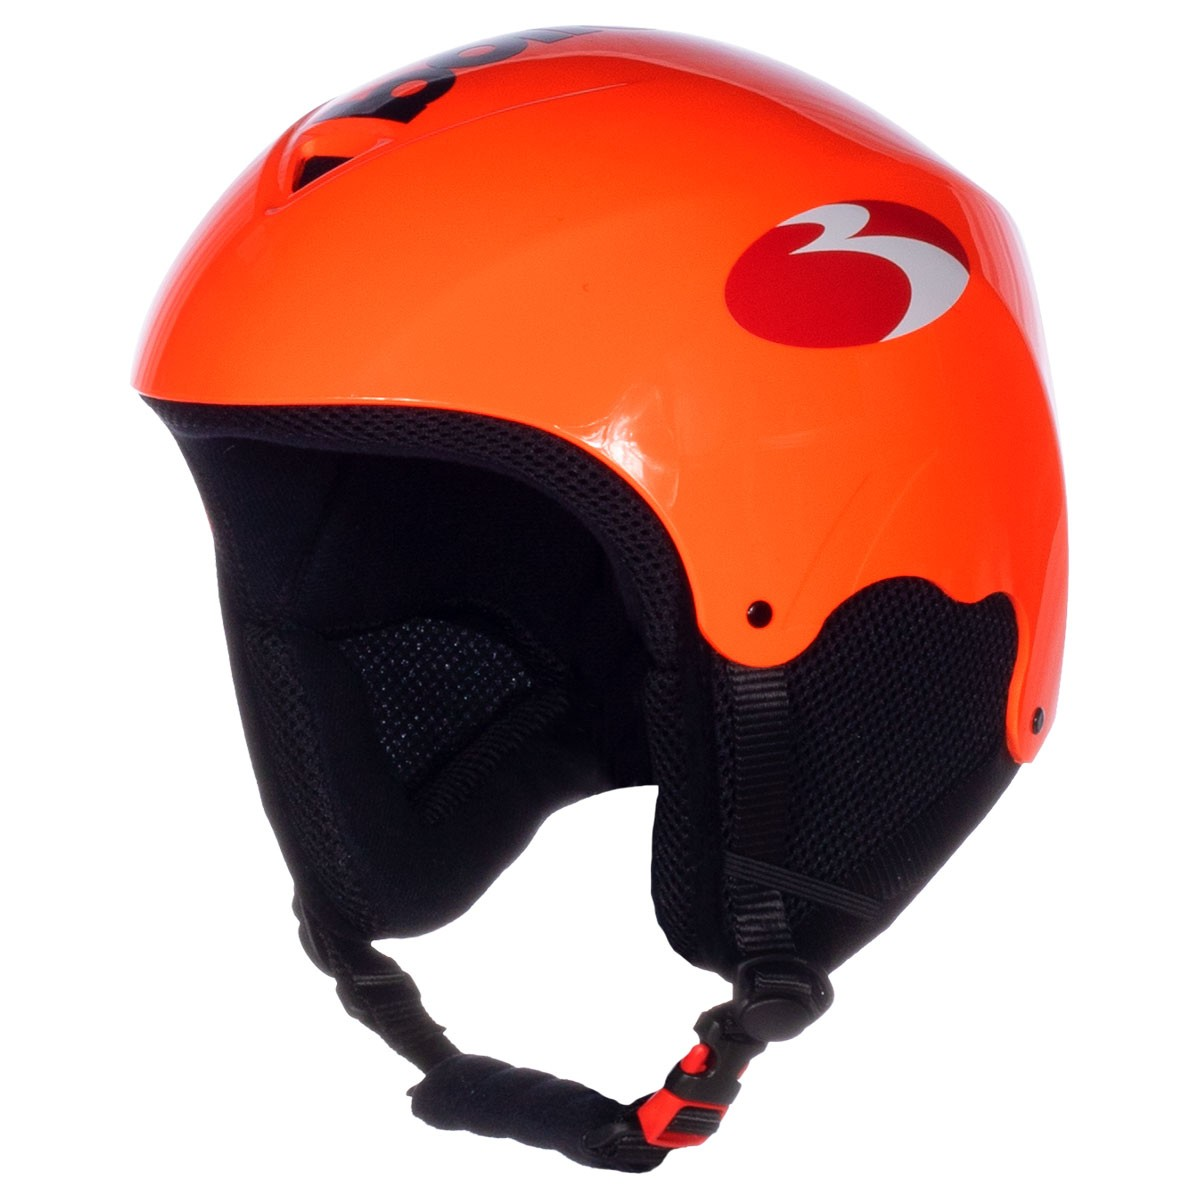 Casco sci Bottero Ski Pads (Colore: ORANGE FLUO, Taglia: 56/58)